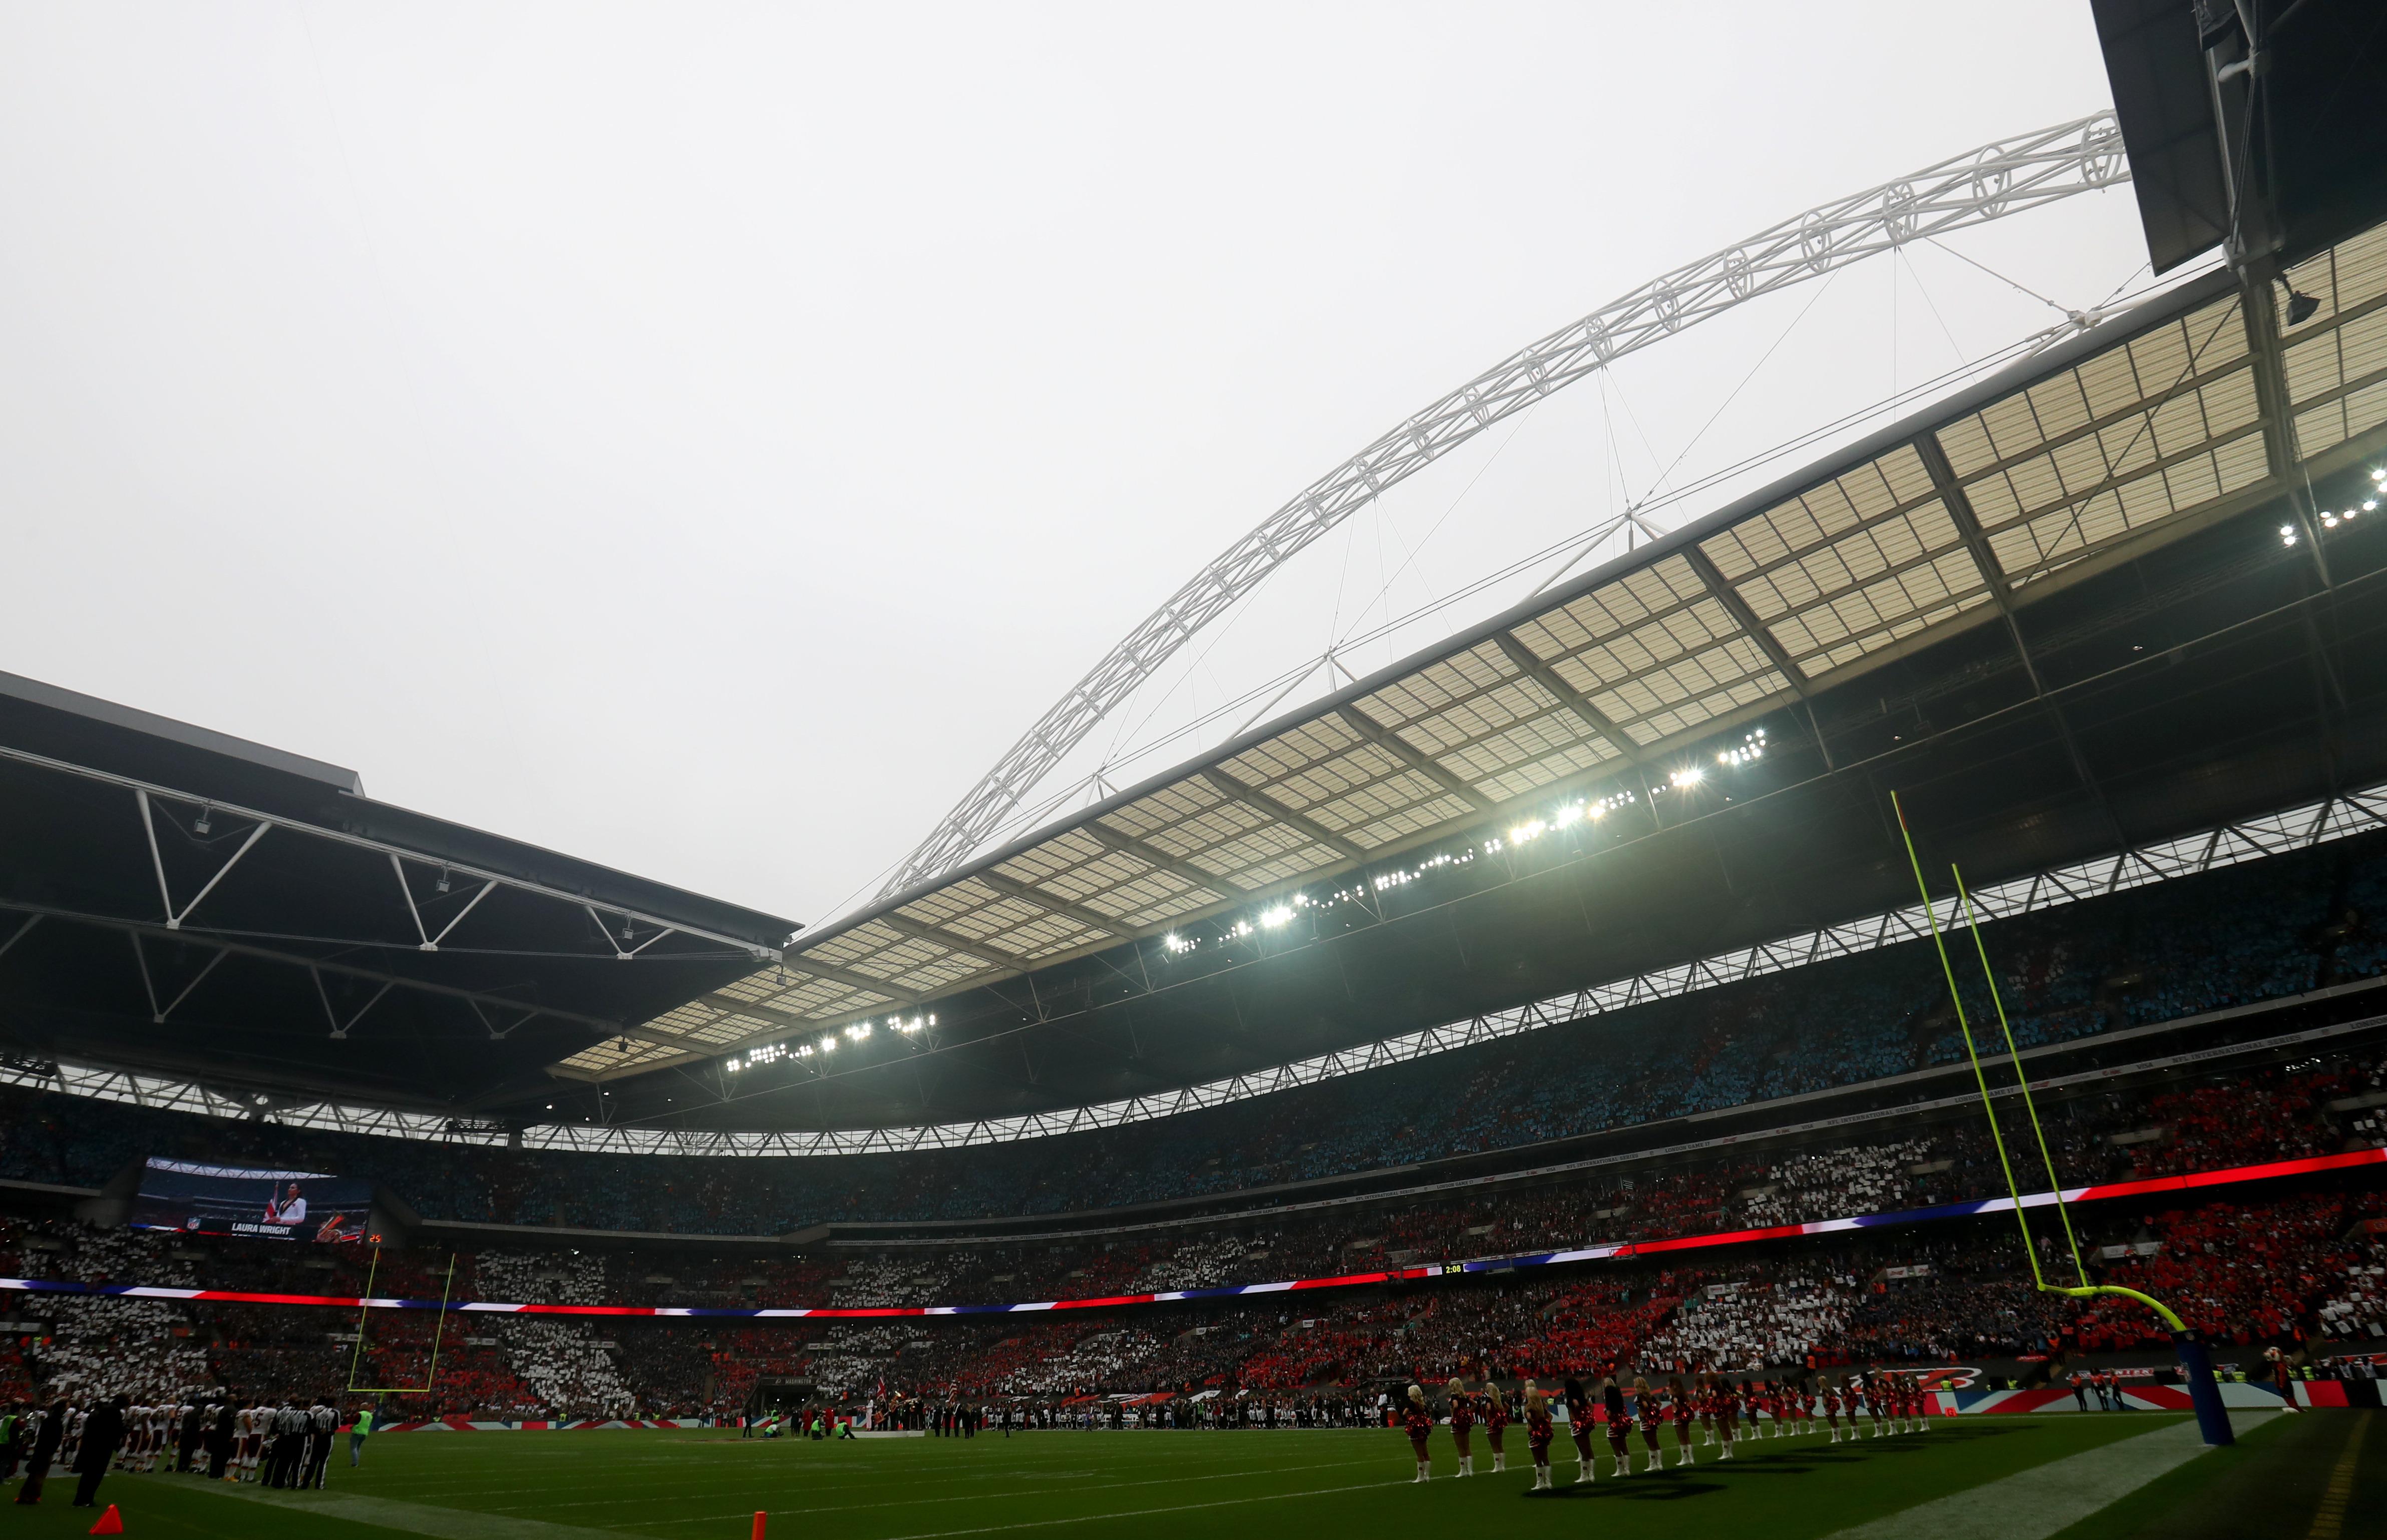 Wembley NFL